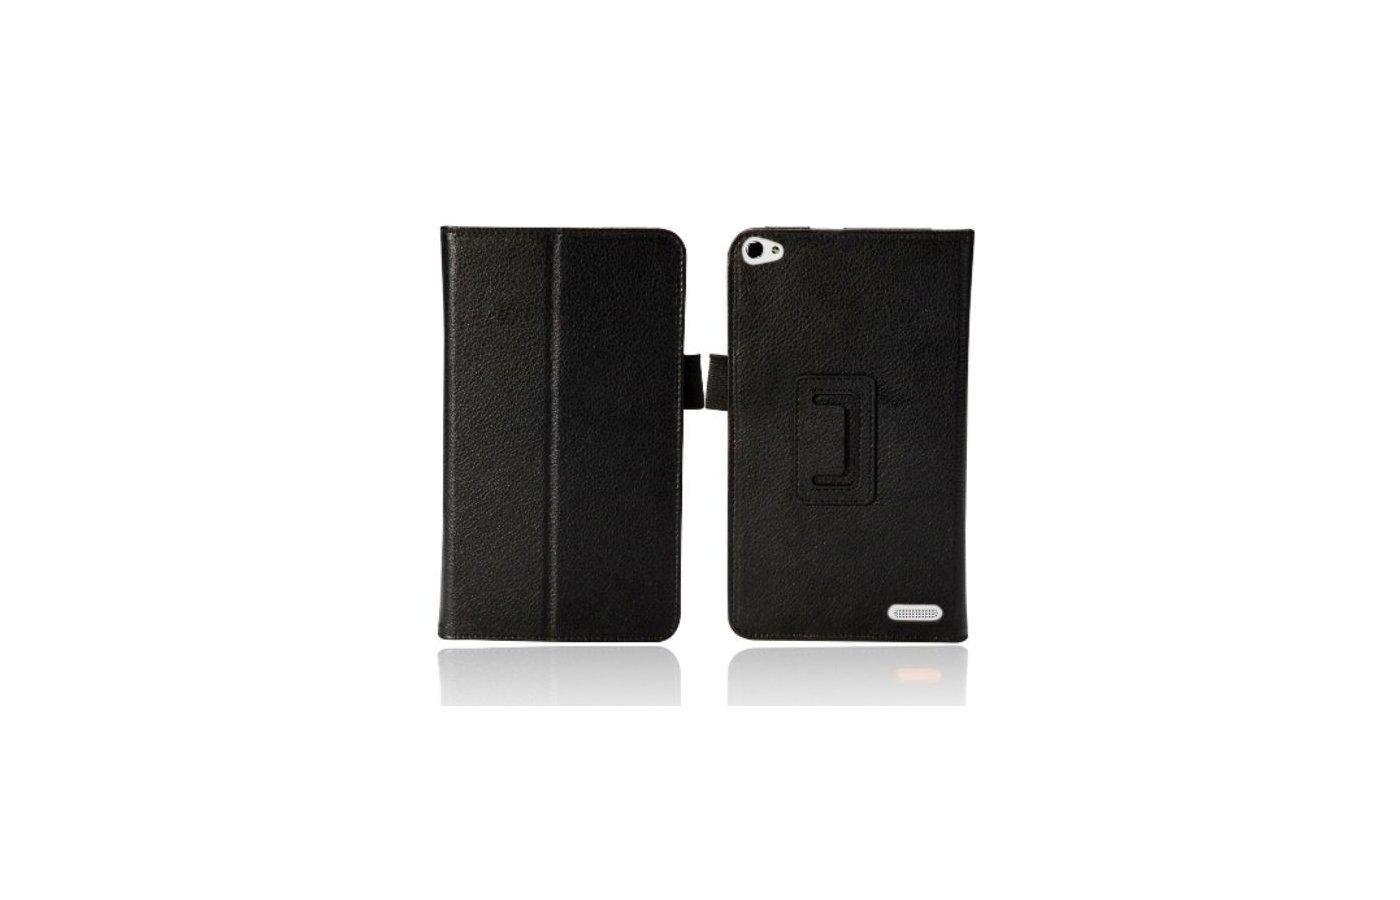 Чехол для планшетного ПК IT BAGGAGE для Huawei Media Pad X1 7 искус. кожа черный ITHX1702-1